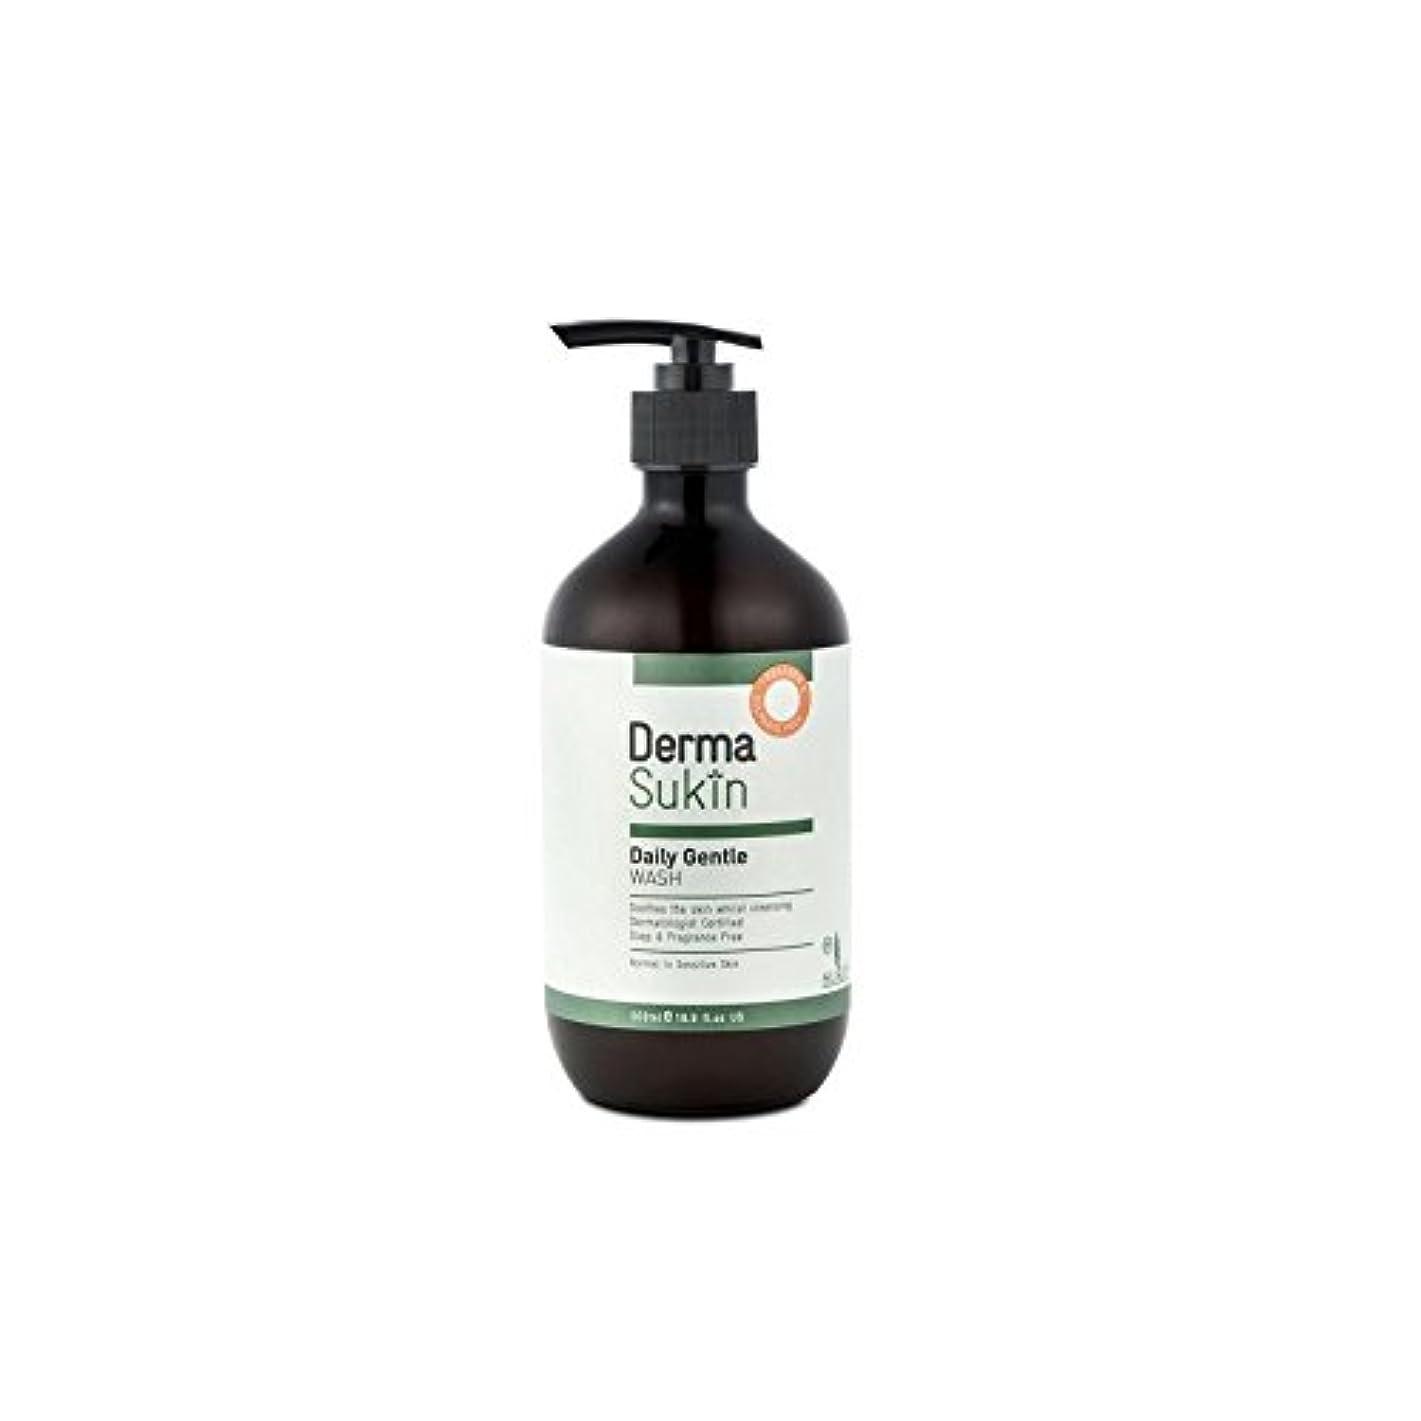 不利益オアシス疑問に思うDermasukin Daily Gentle Soap Free Wash (500ml) (Pack of 6) - 日々の優しいソープフリーウォッシュ(500ミリリットル) x6 [並行輸入品]